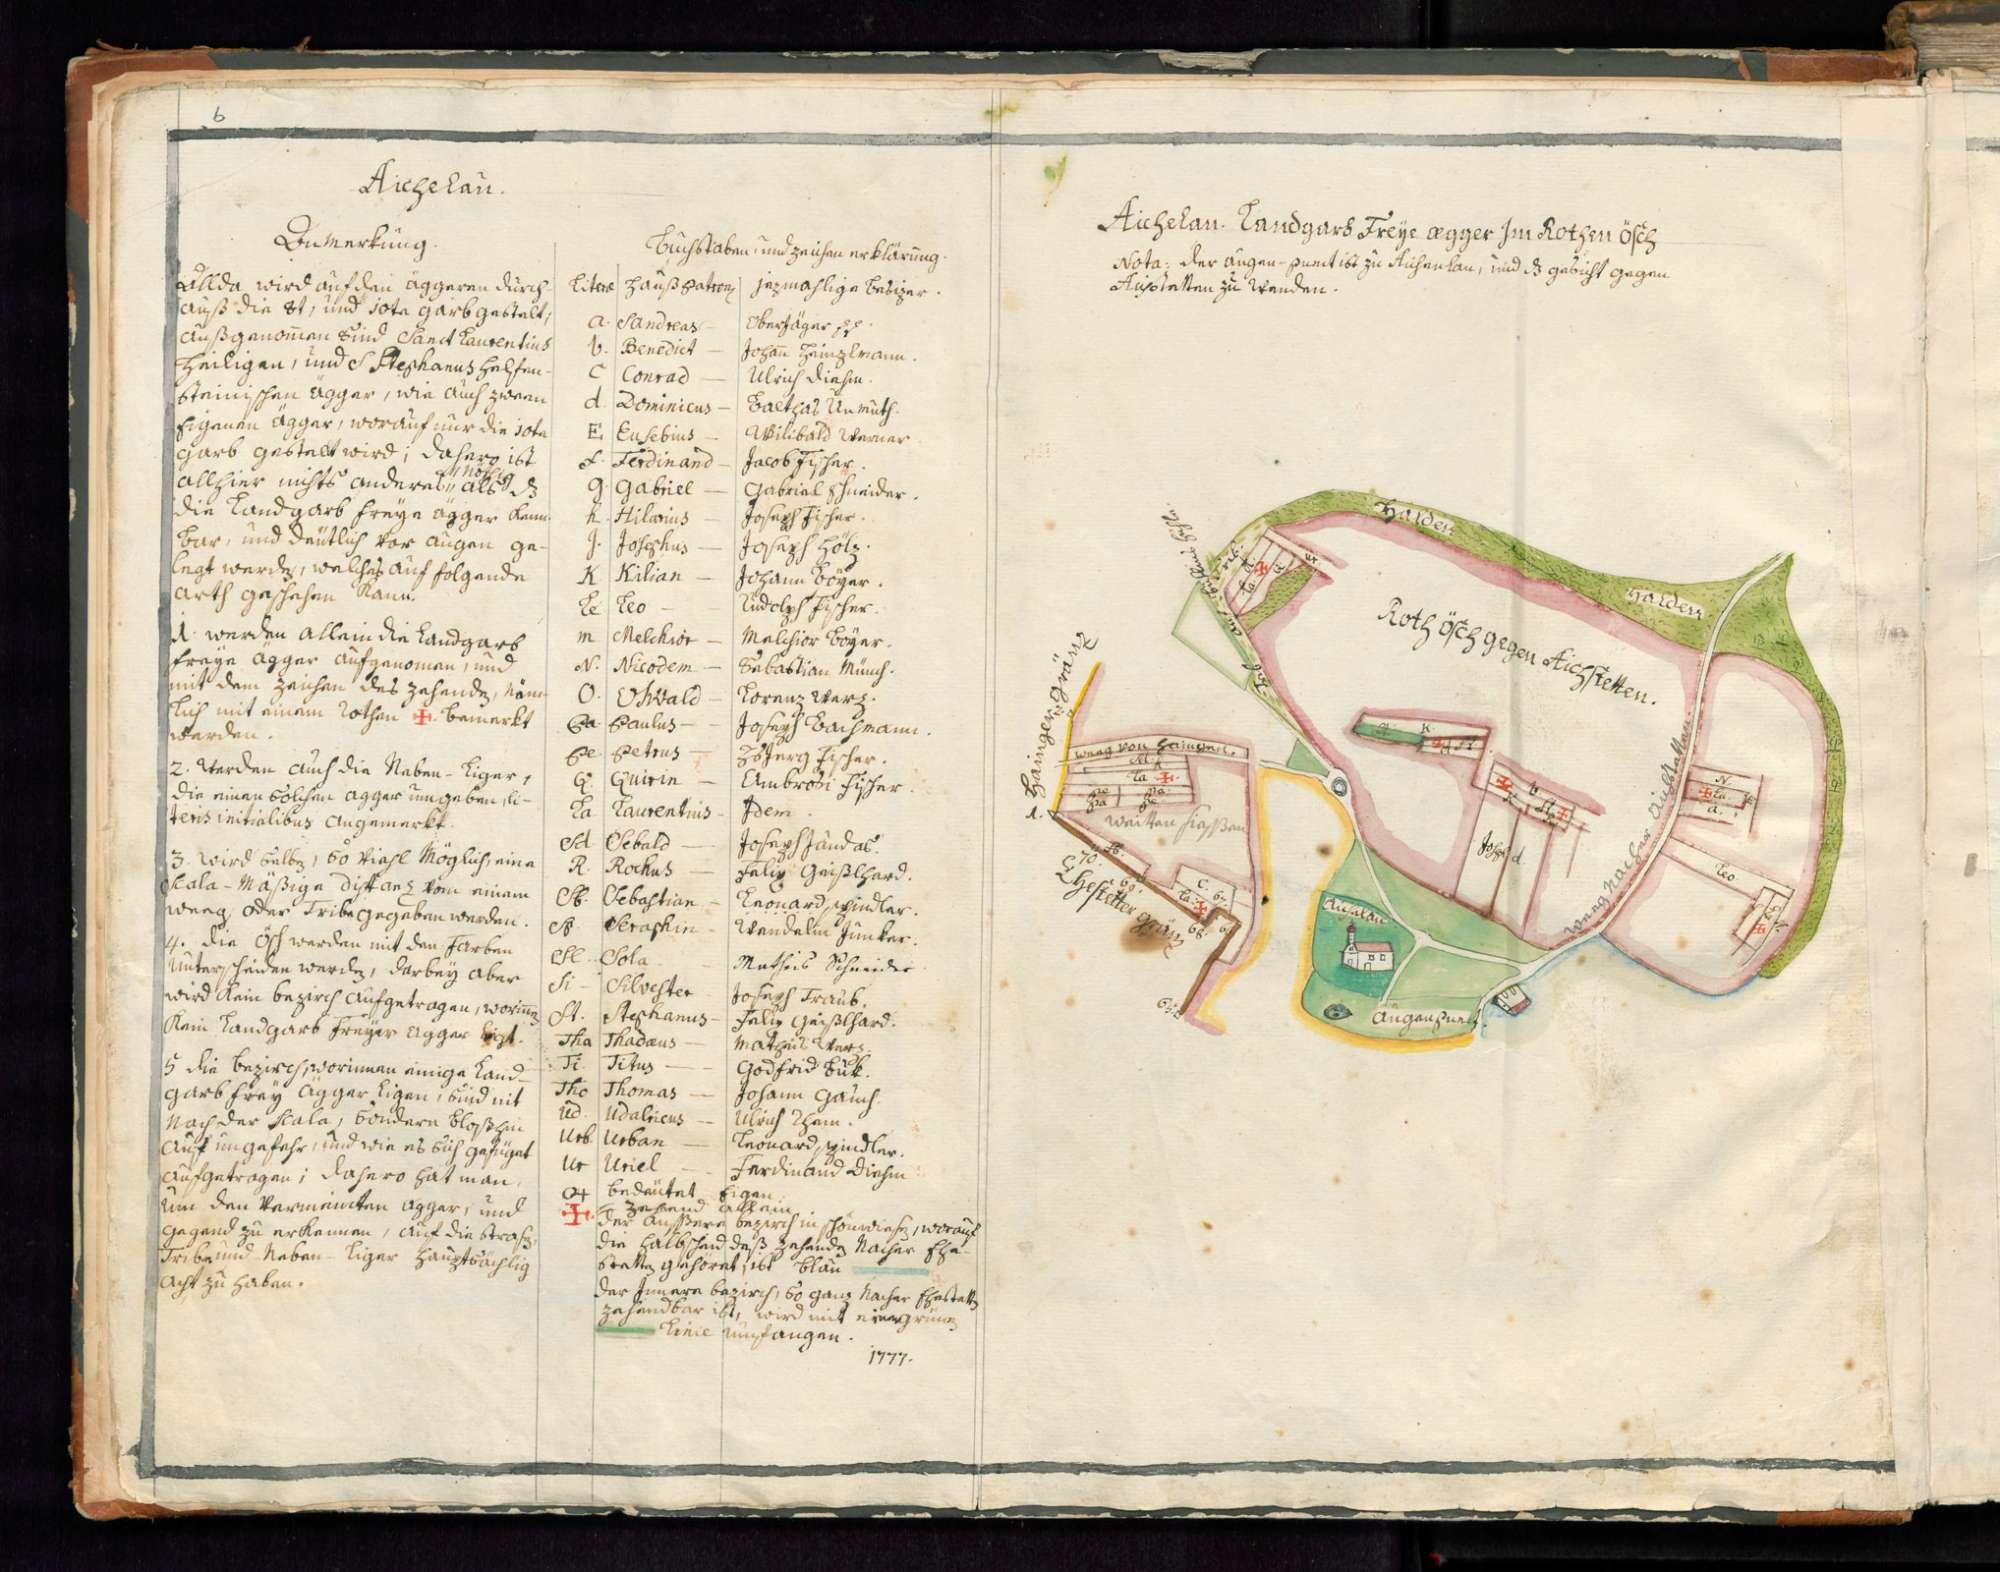 Zwiefalten, Orte des Klosterterritoriums, Aichelau, Bild 1